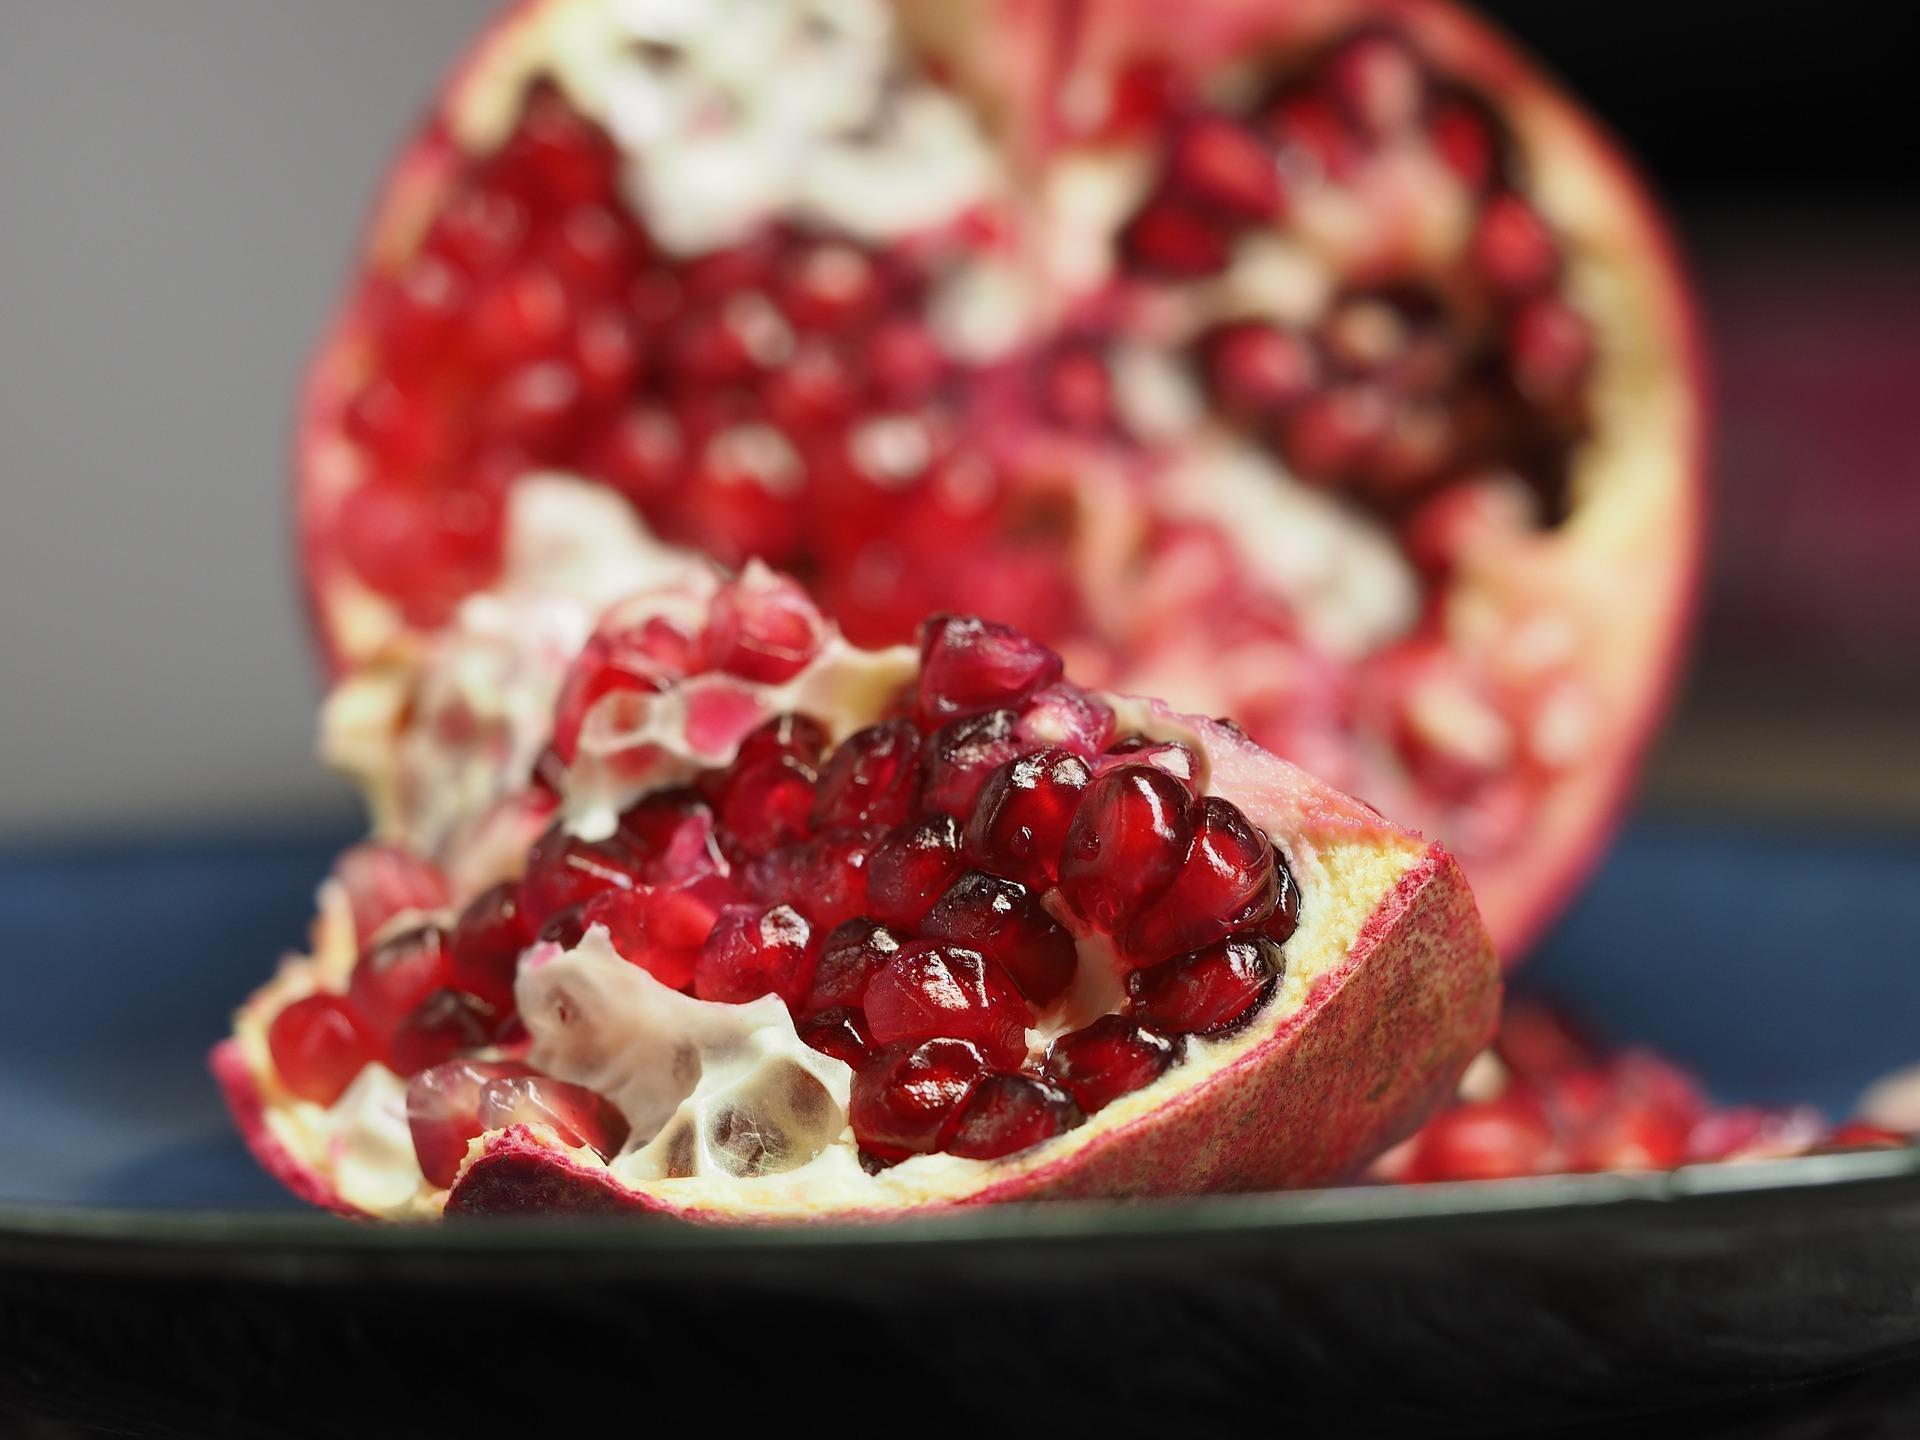 מצאנו 5 סיבות מצויינות למה כדאי לכם לאכול רימון